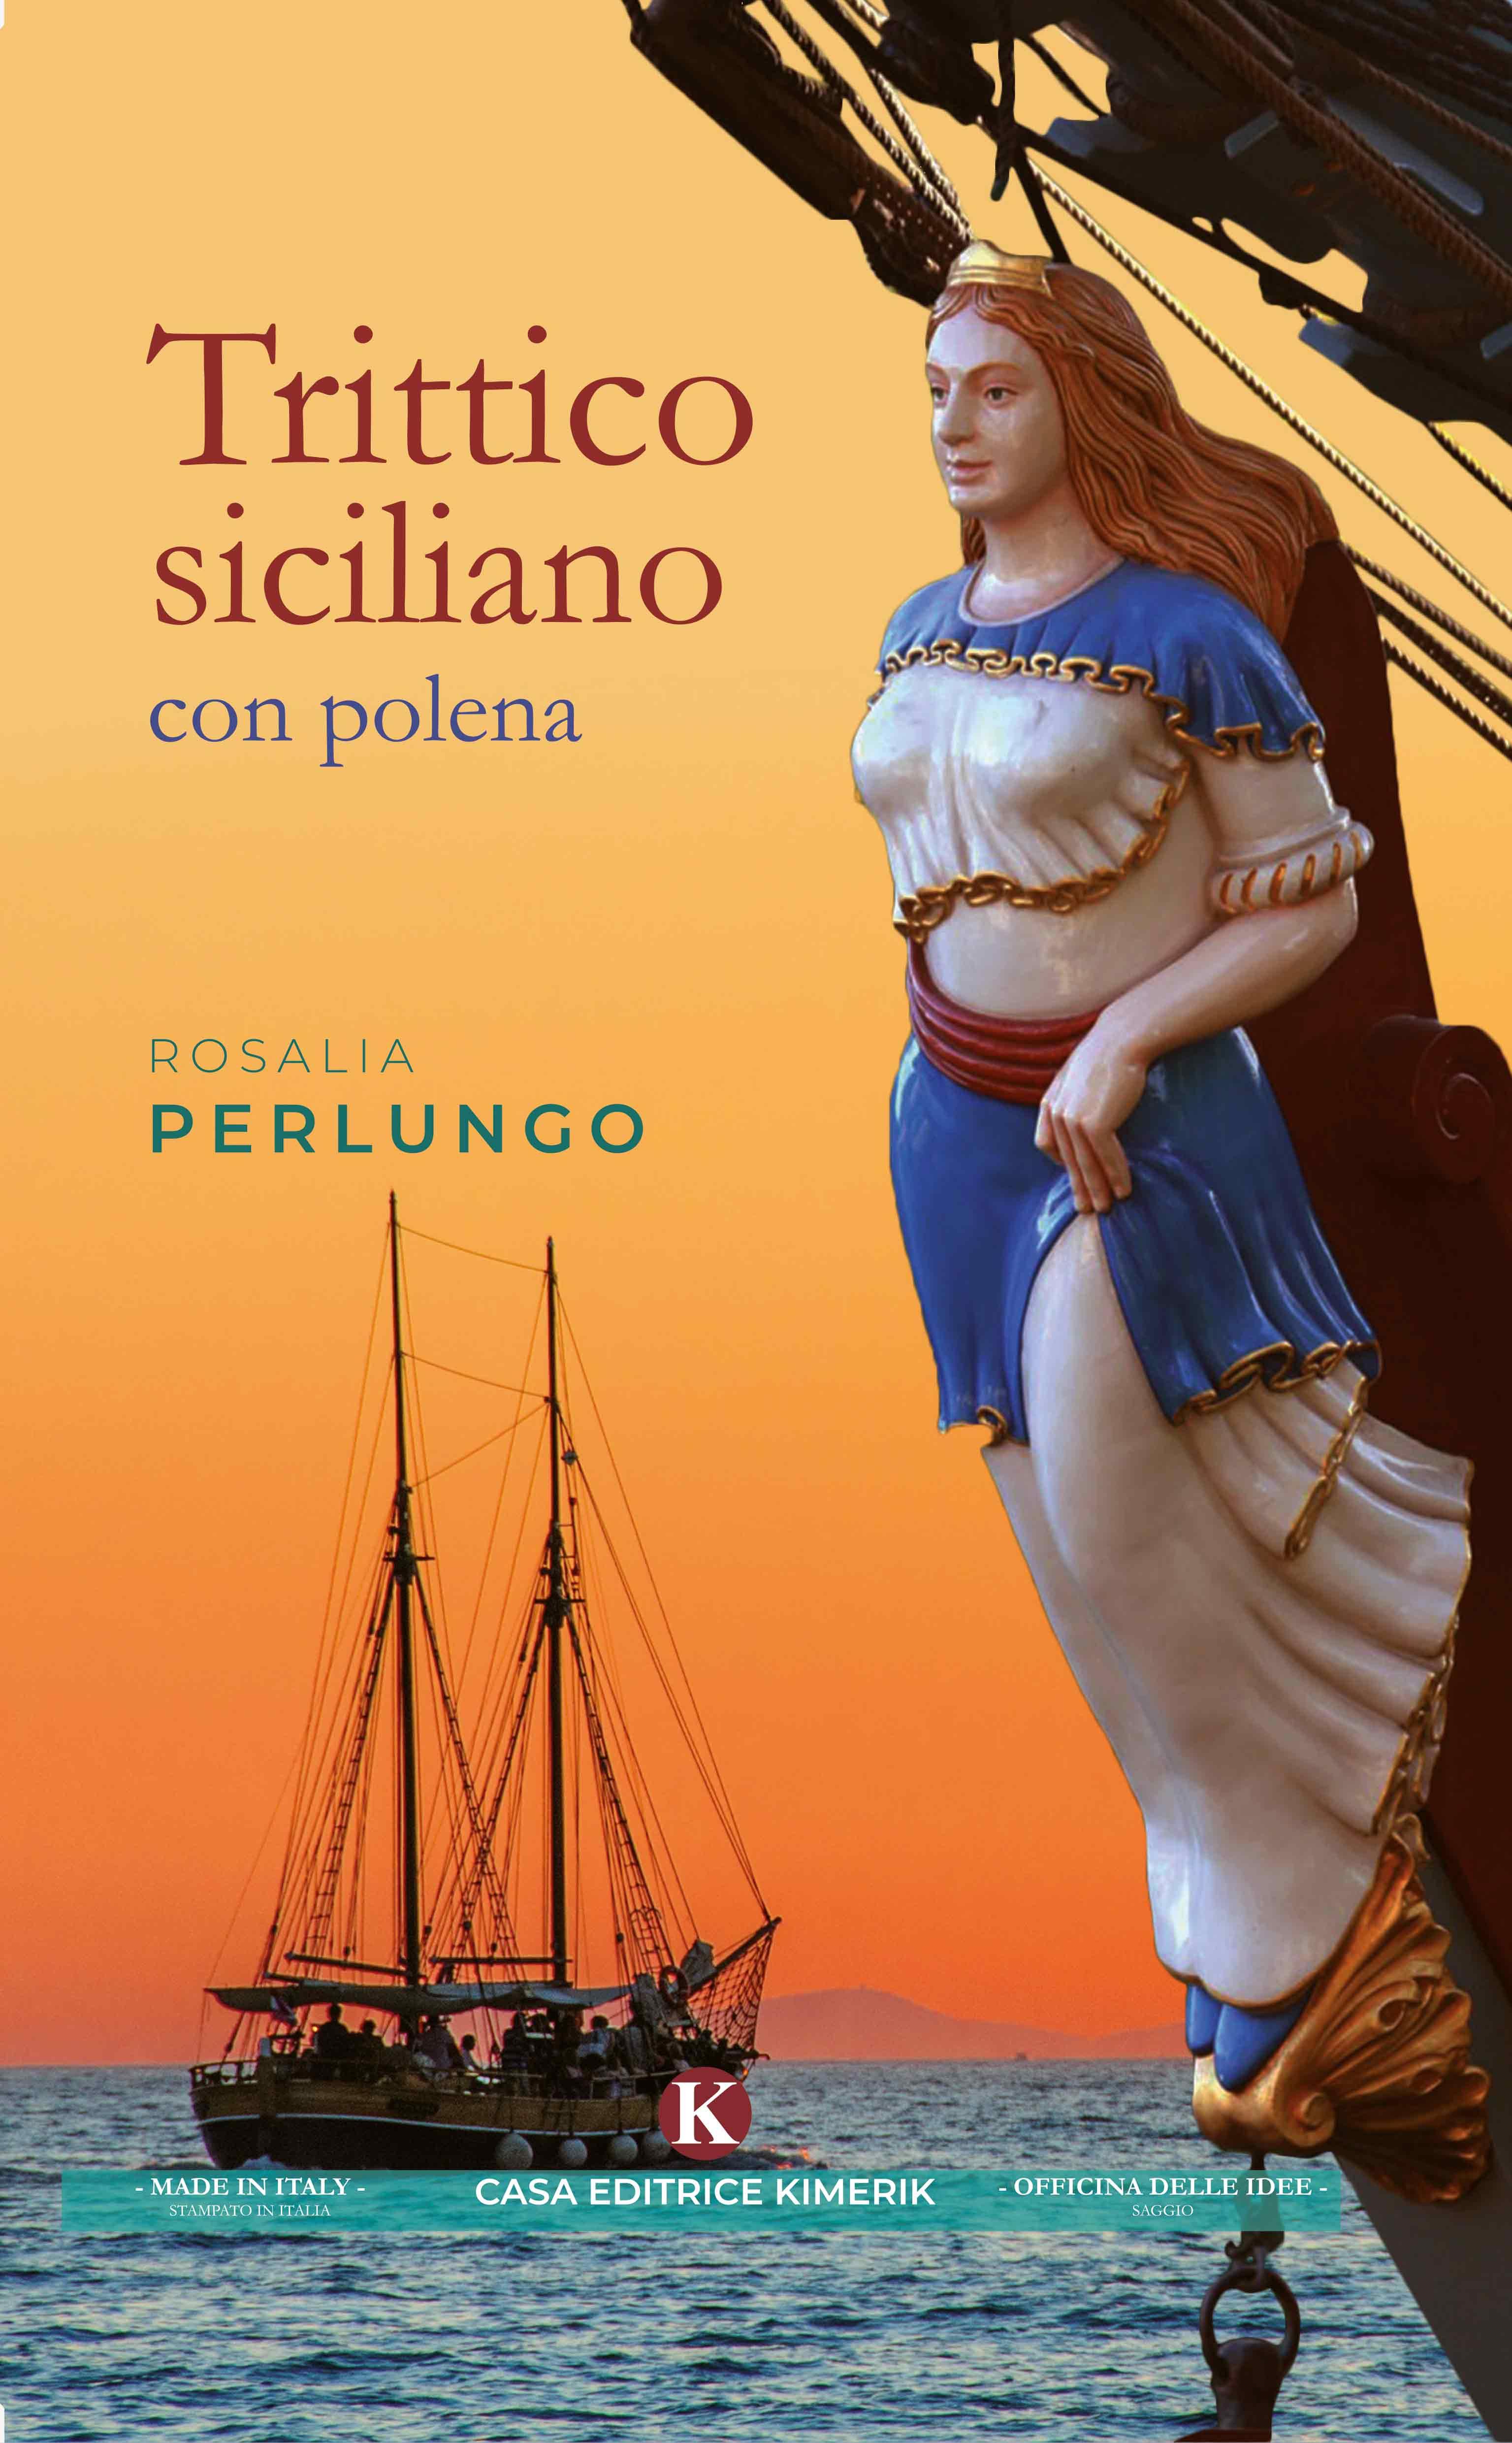 Trittico siciliano con polena